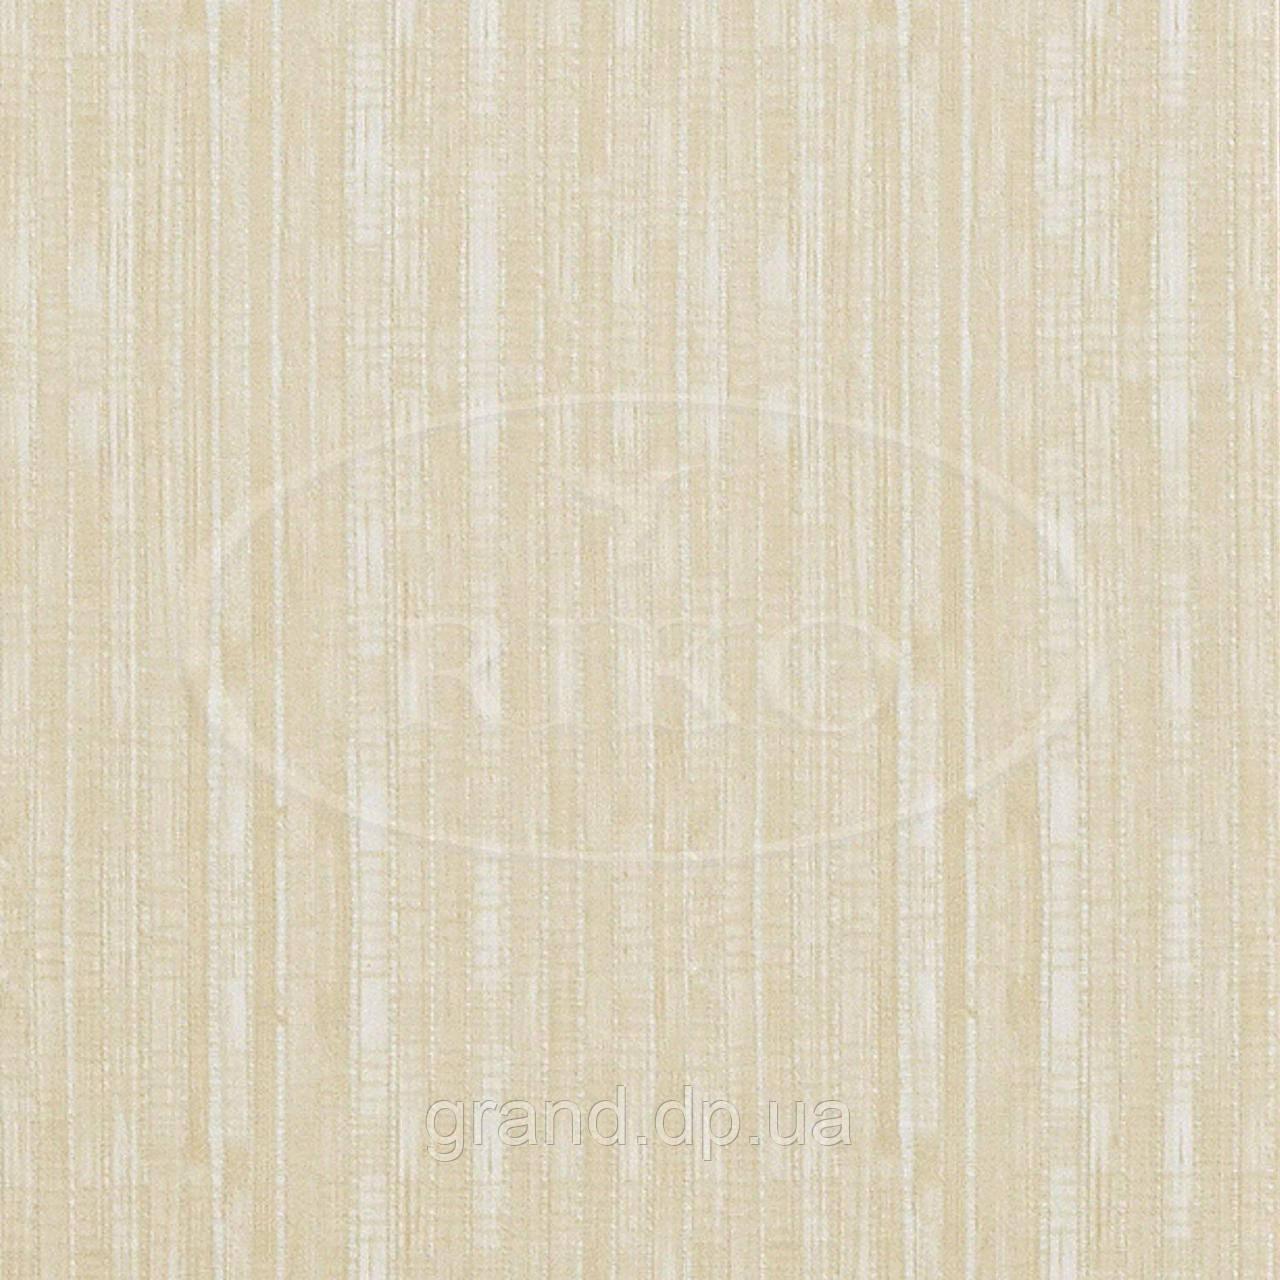 Пластиковые декоративные панели ПВХ Рико(Riko) 250*7*3000мм Ротанг с Термопереводом бесшовные